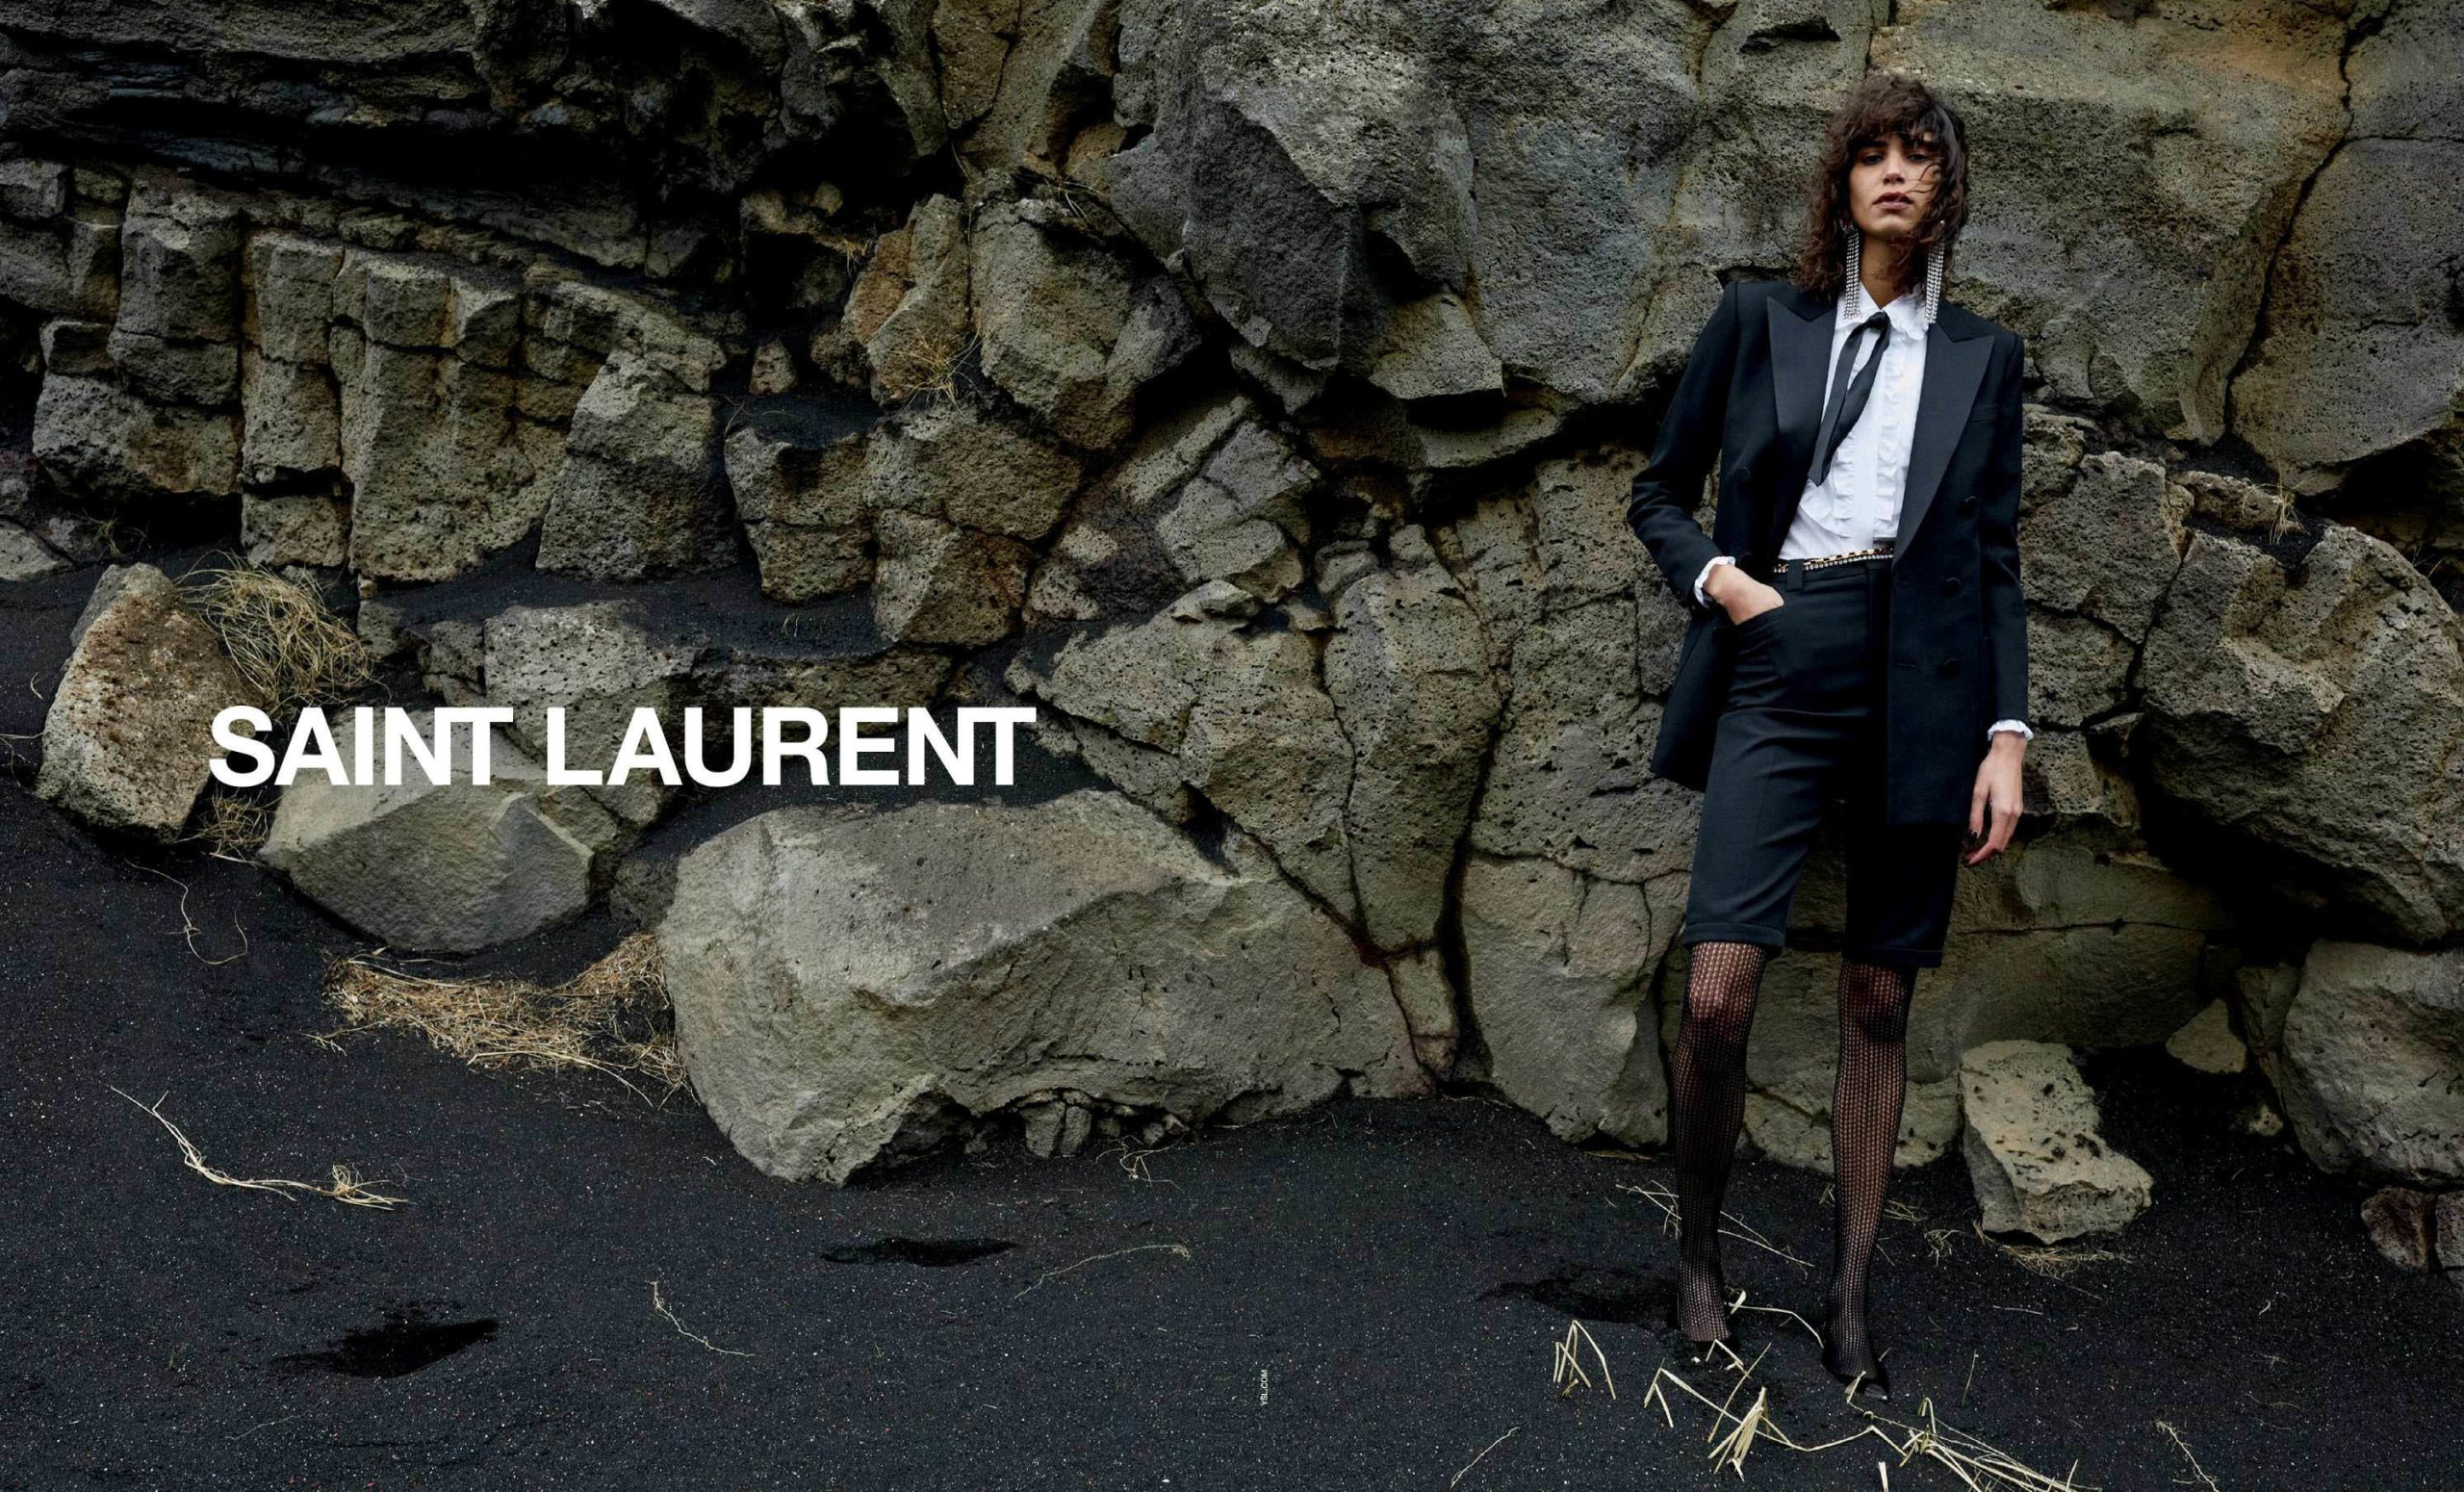 Saint-Laurent-winter-2021-ad-campaign